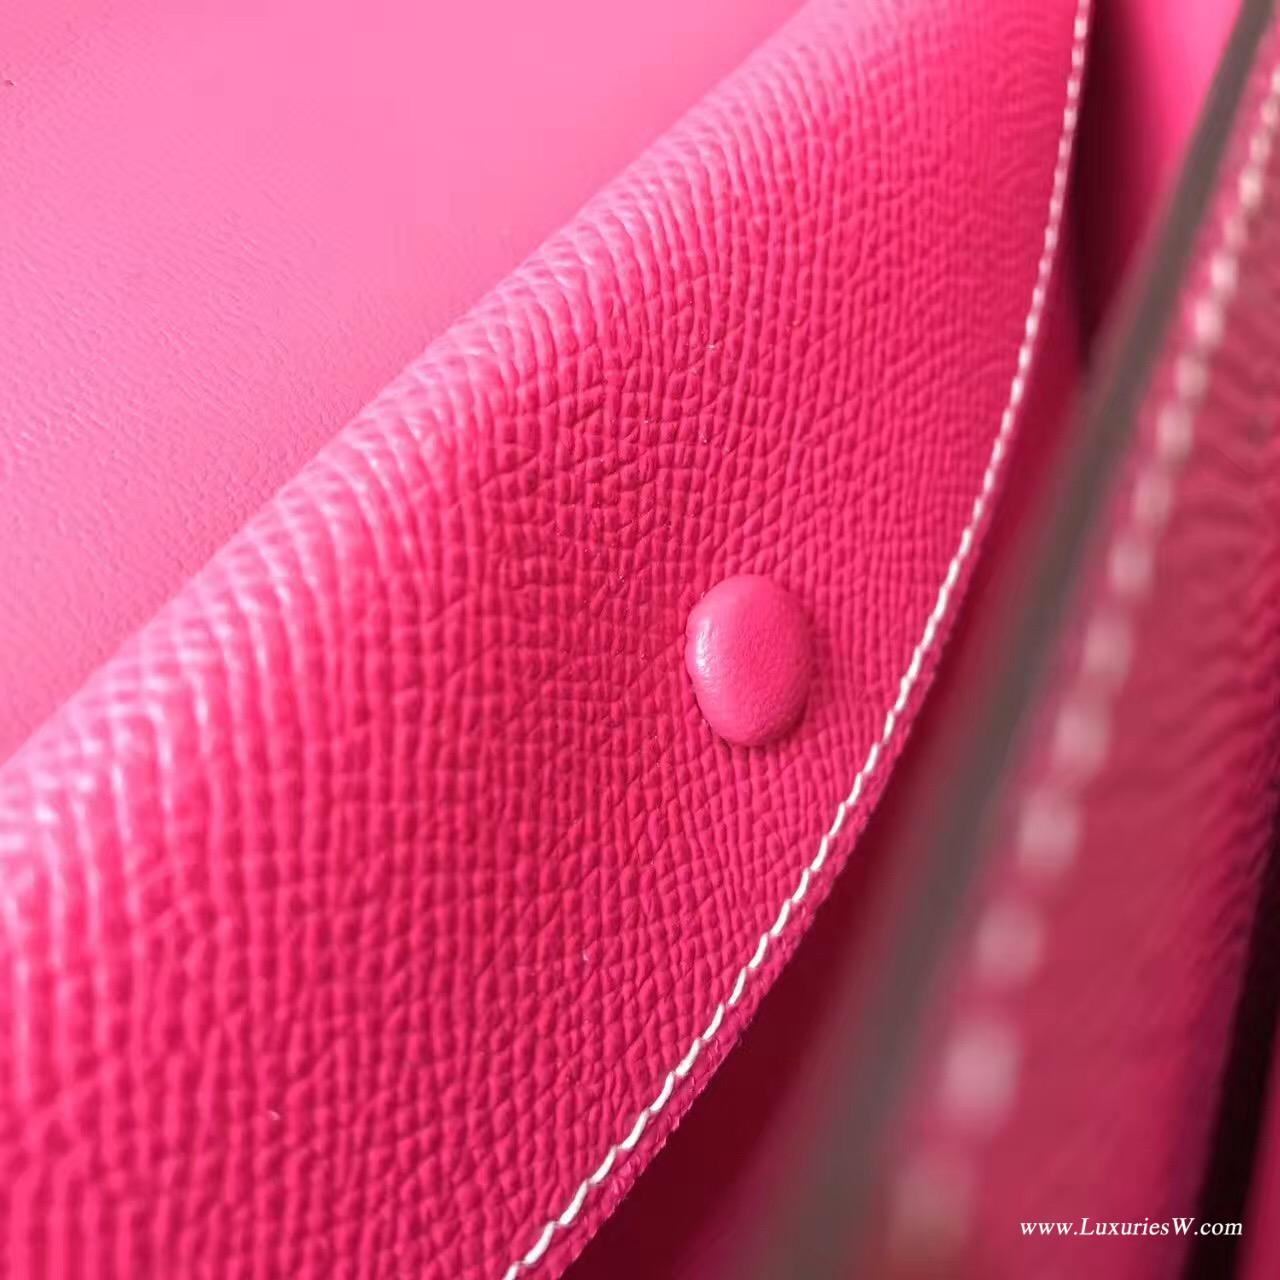 Herems Verrou Chaine bag 愛馬仕 Epsom E5 Rose Tyrien糖果粉色大號